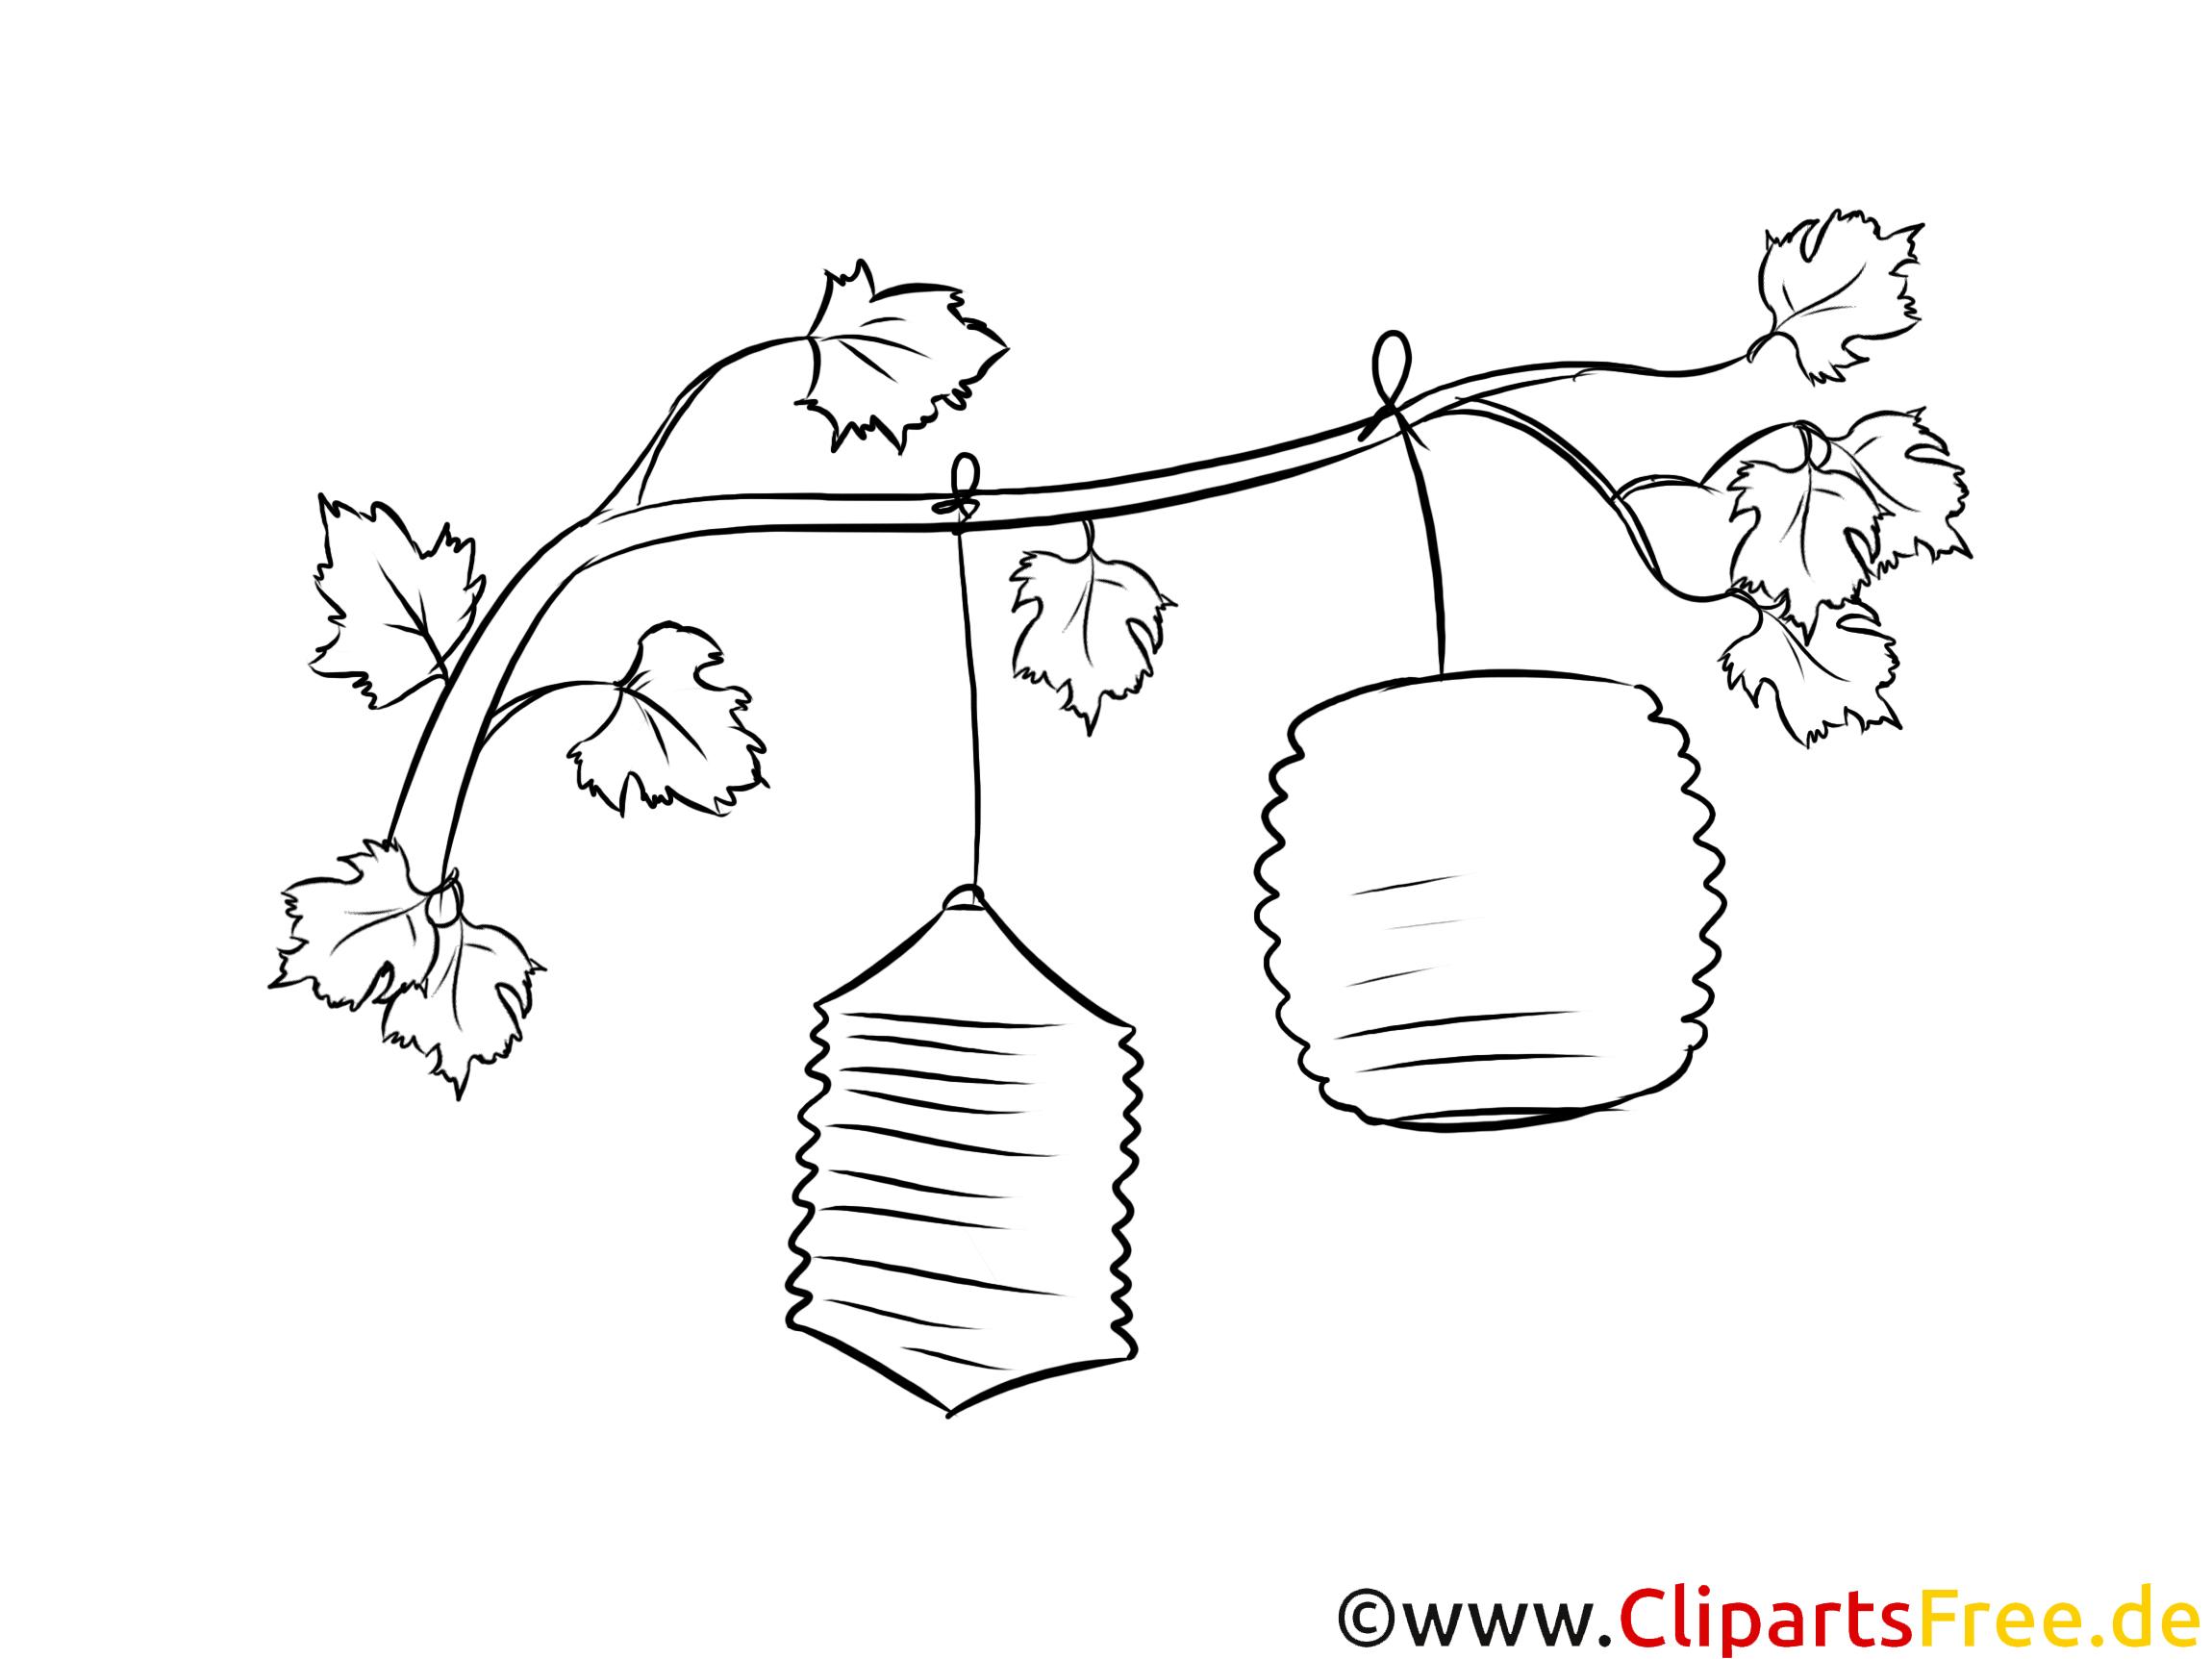 Malvorlage Für Laterne   Coloring And Malvorlagan verwandt mit Ausmalbild Laterne